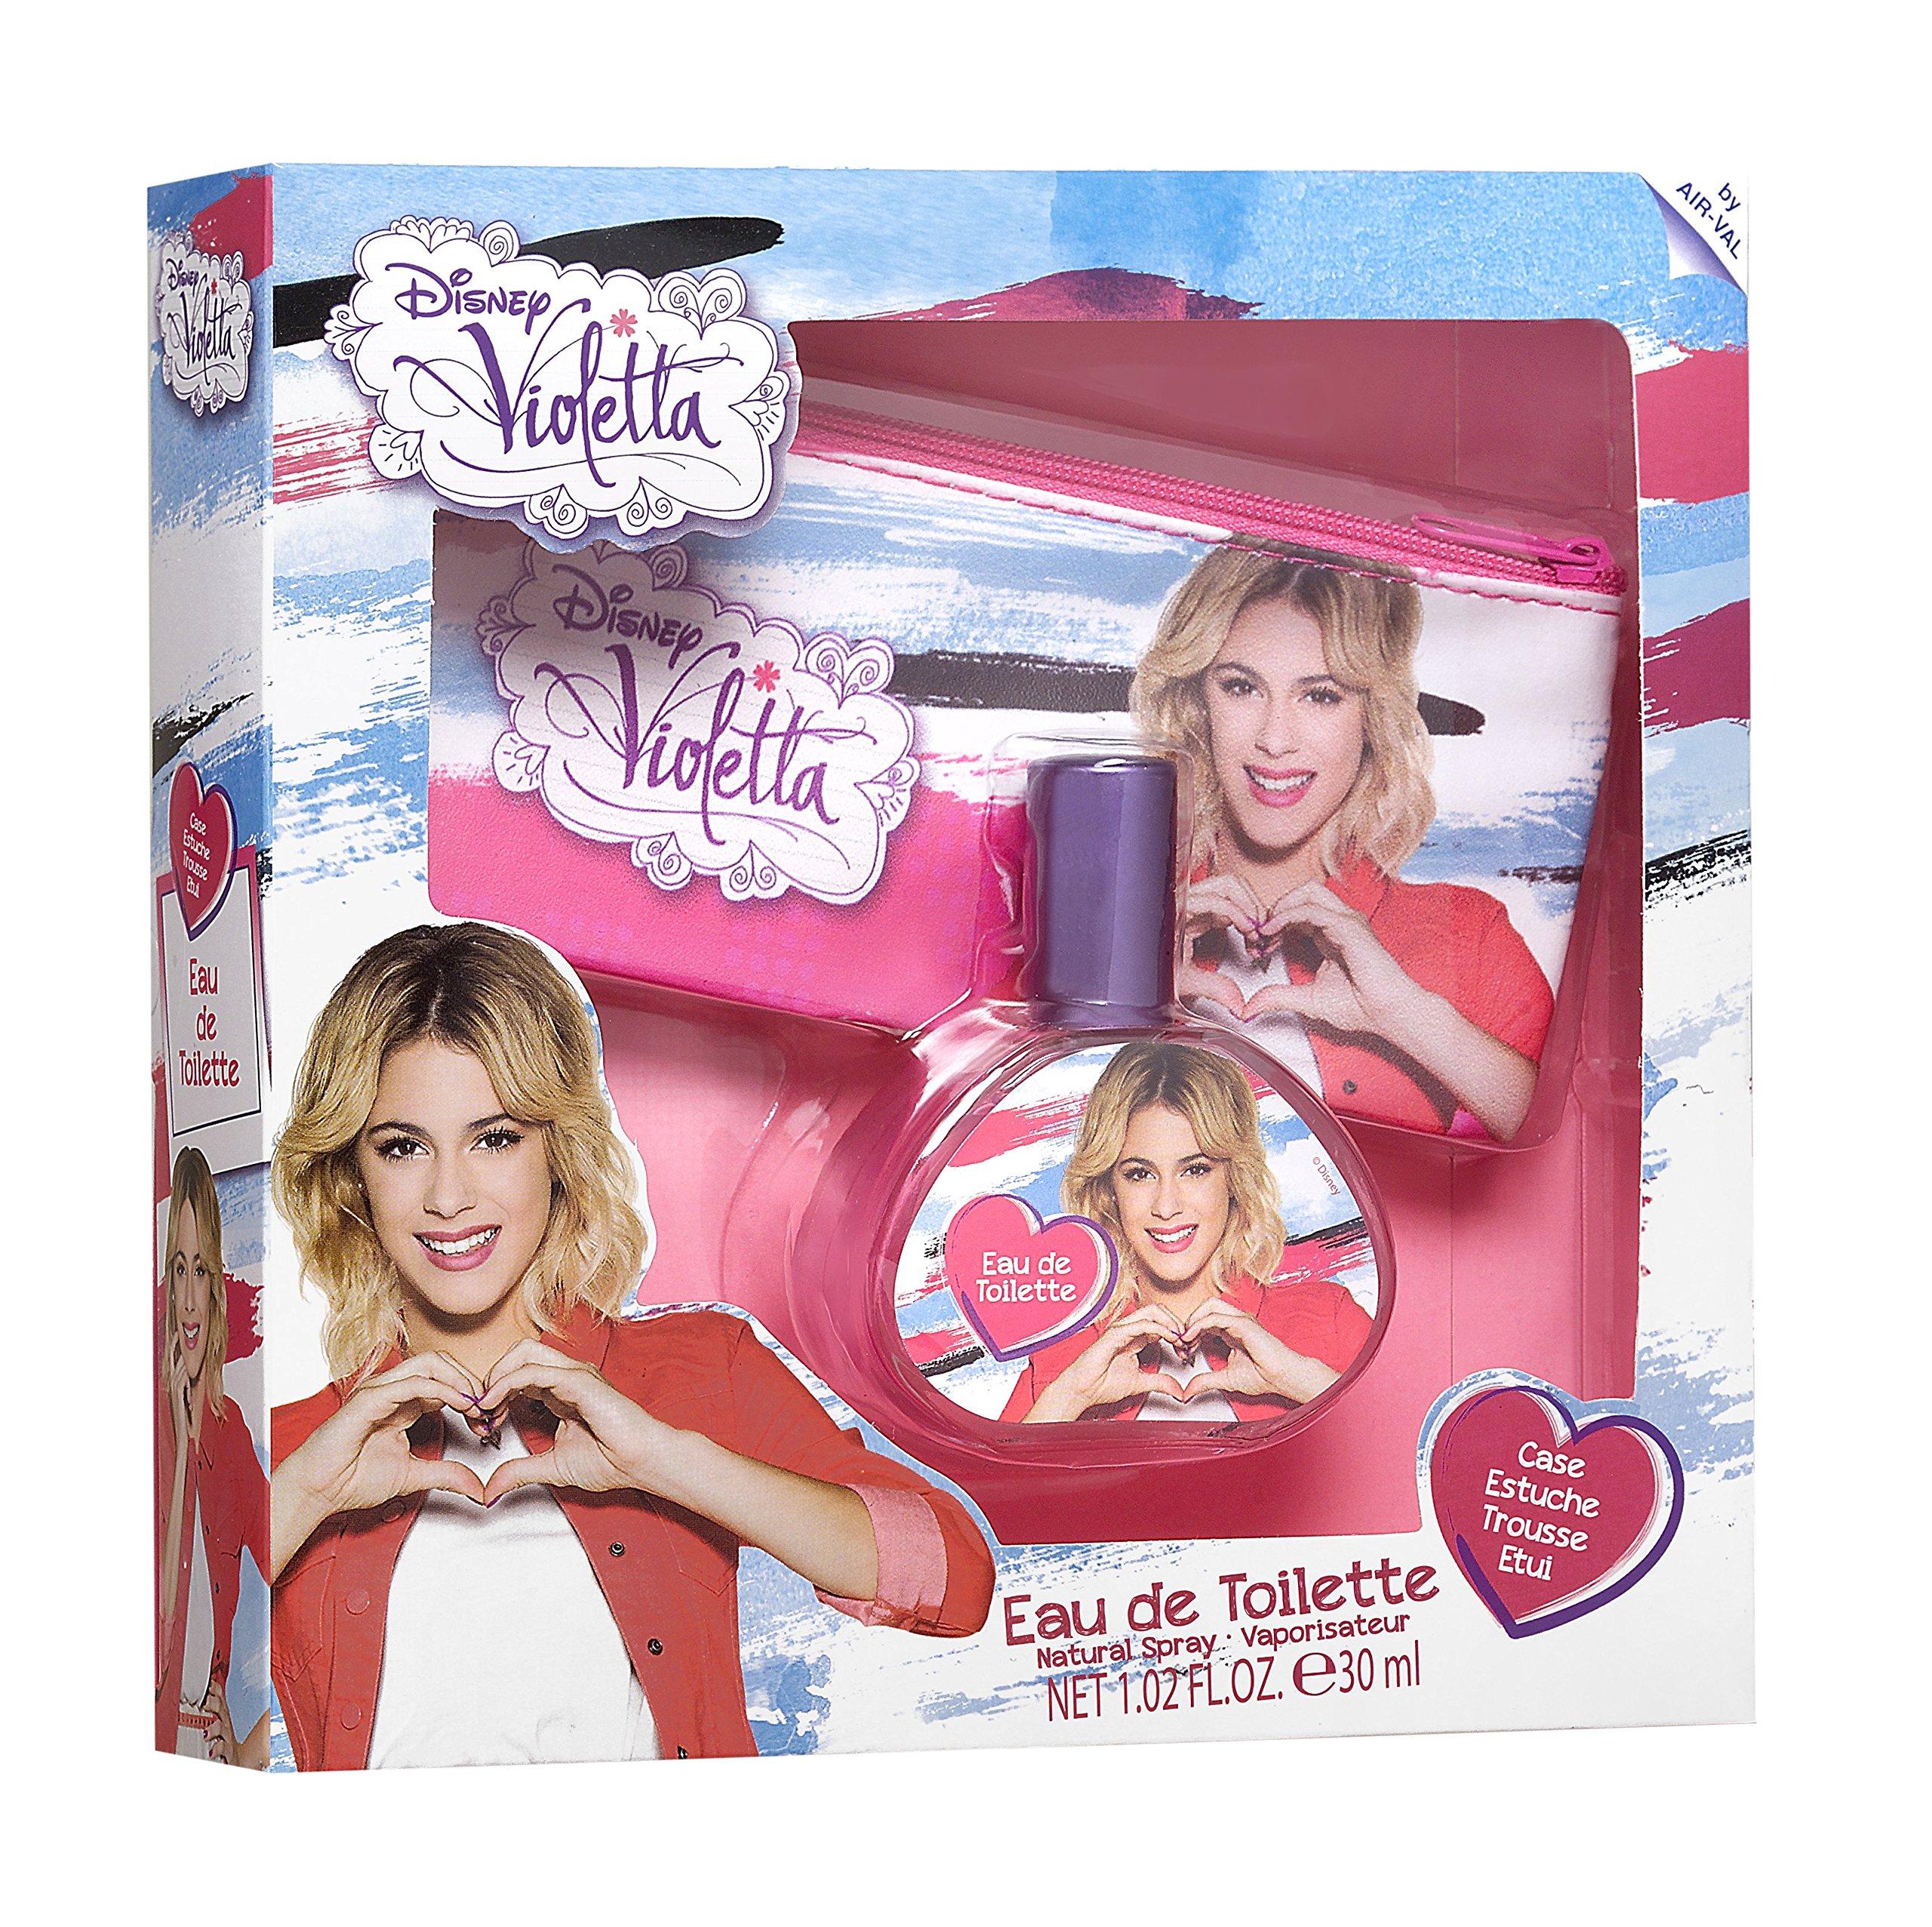 Violetta Coffret Eau de Toilette pour femme 30 ml + Trousse product image